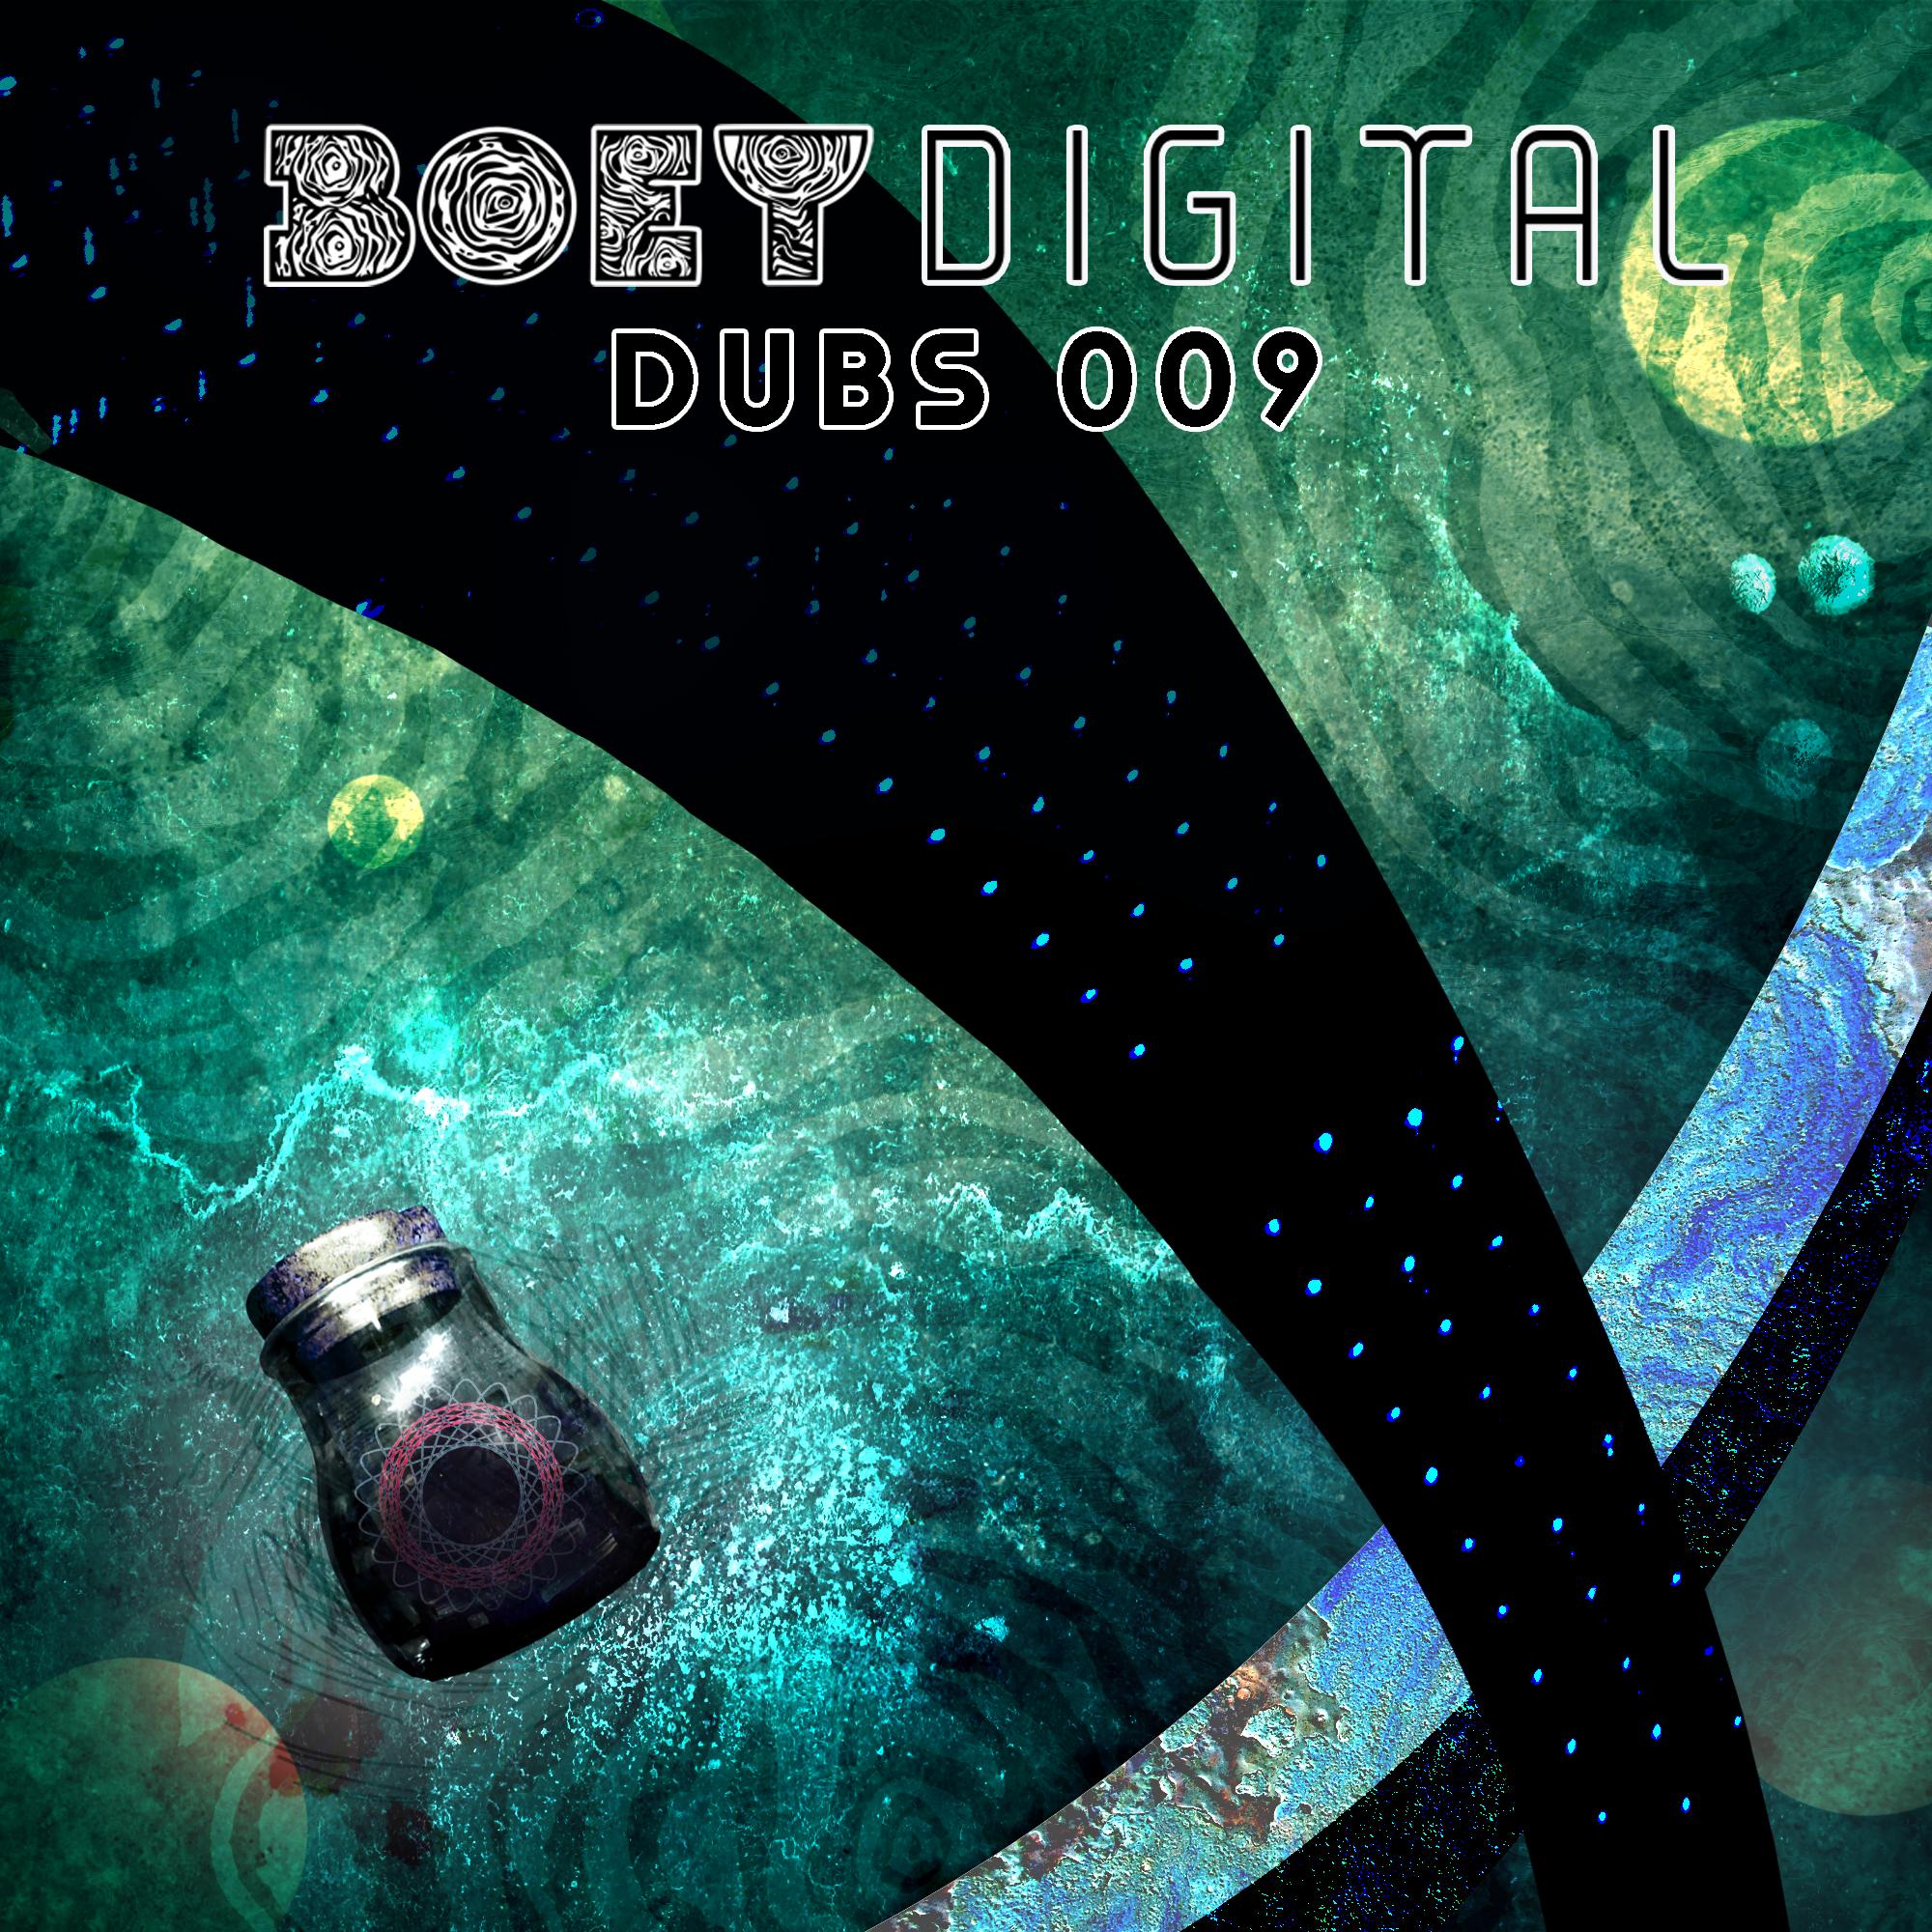 Dubs 009